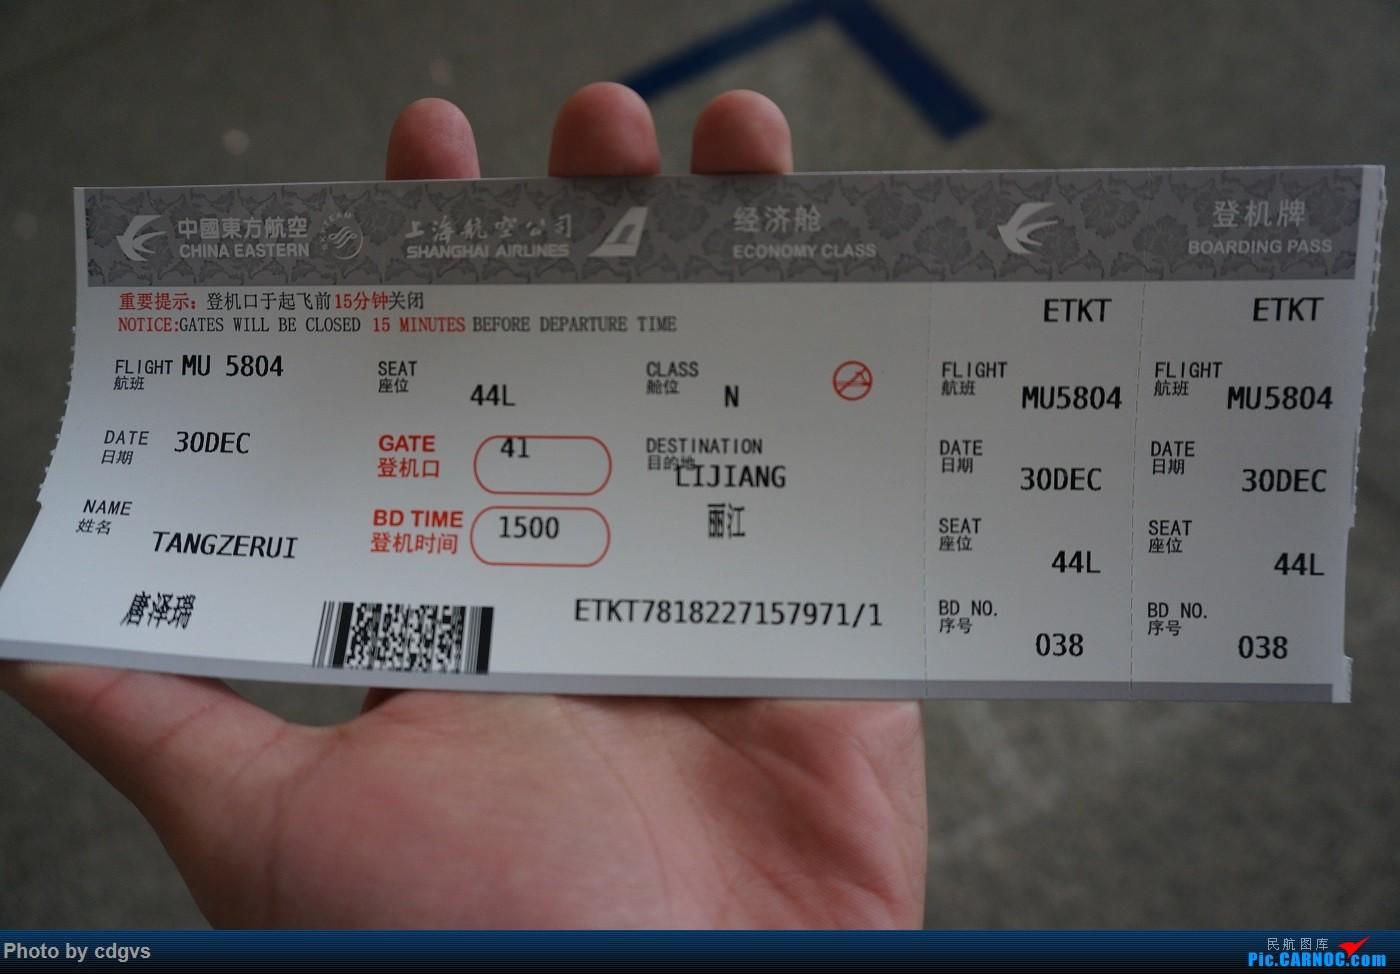 Re:[原创]KMG-LJG-KMG 东航&南航 省内刷航段,飞空客波音两种不同机型 AIRBUS A330-300 B-1059 中国昆明长水国际机场